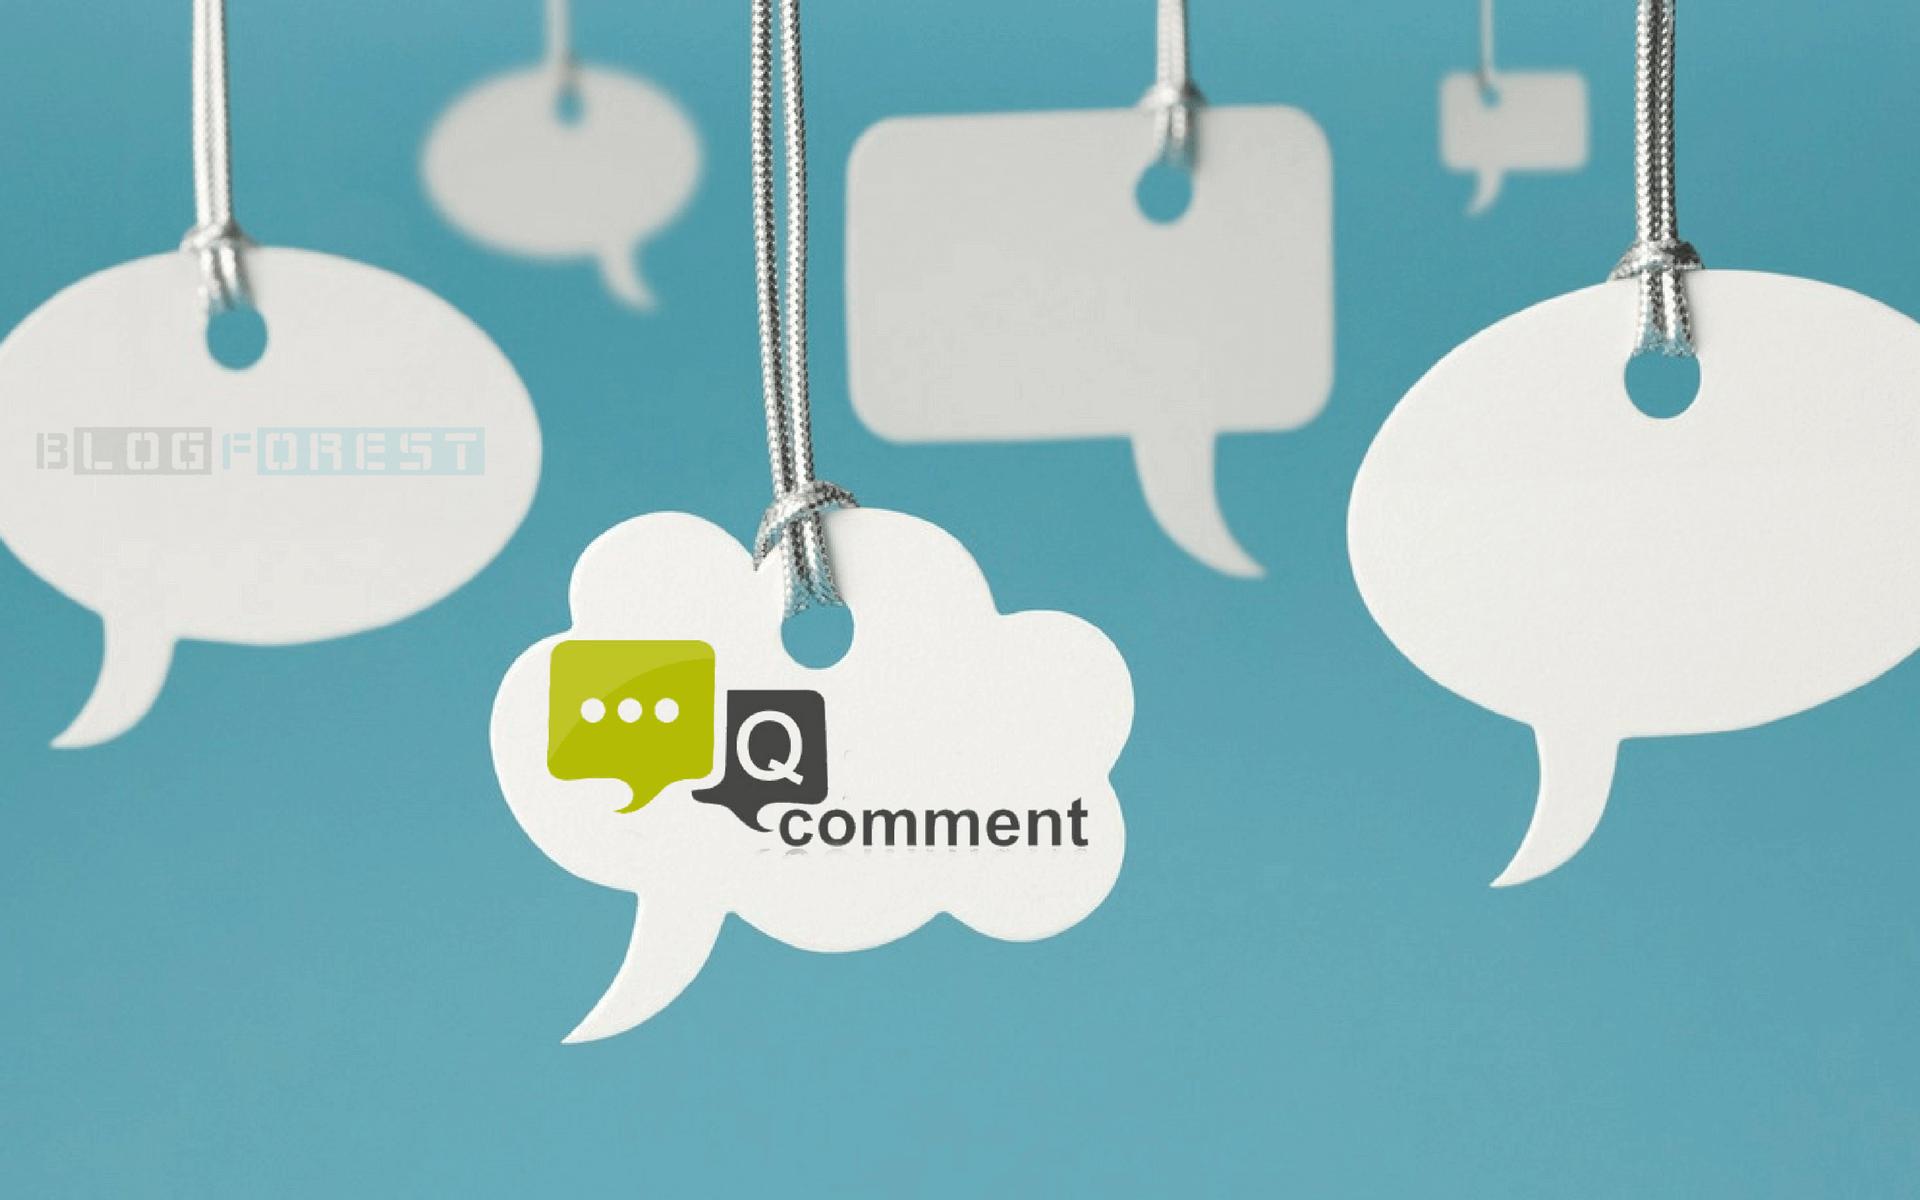 qcomment_blogforest_ru_tizer